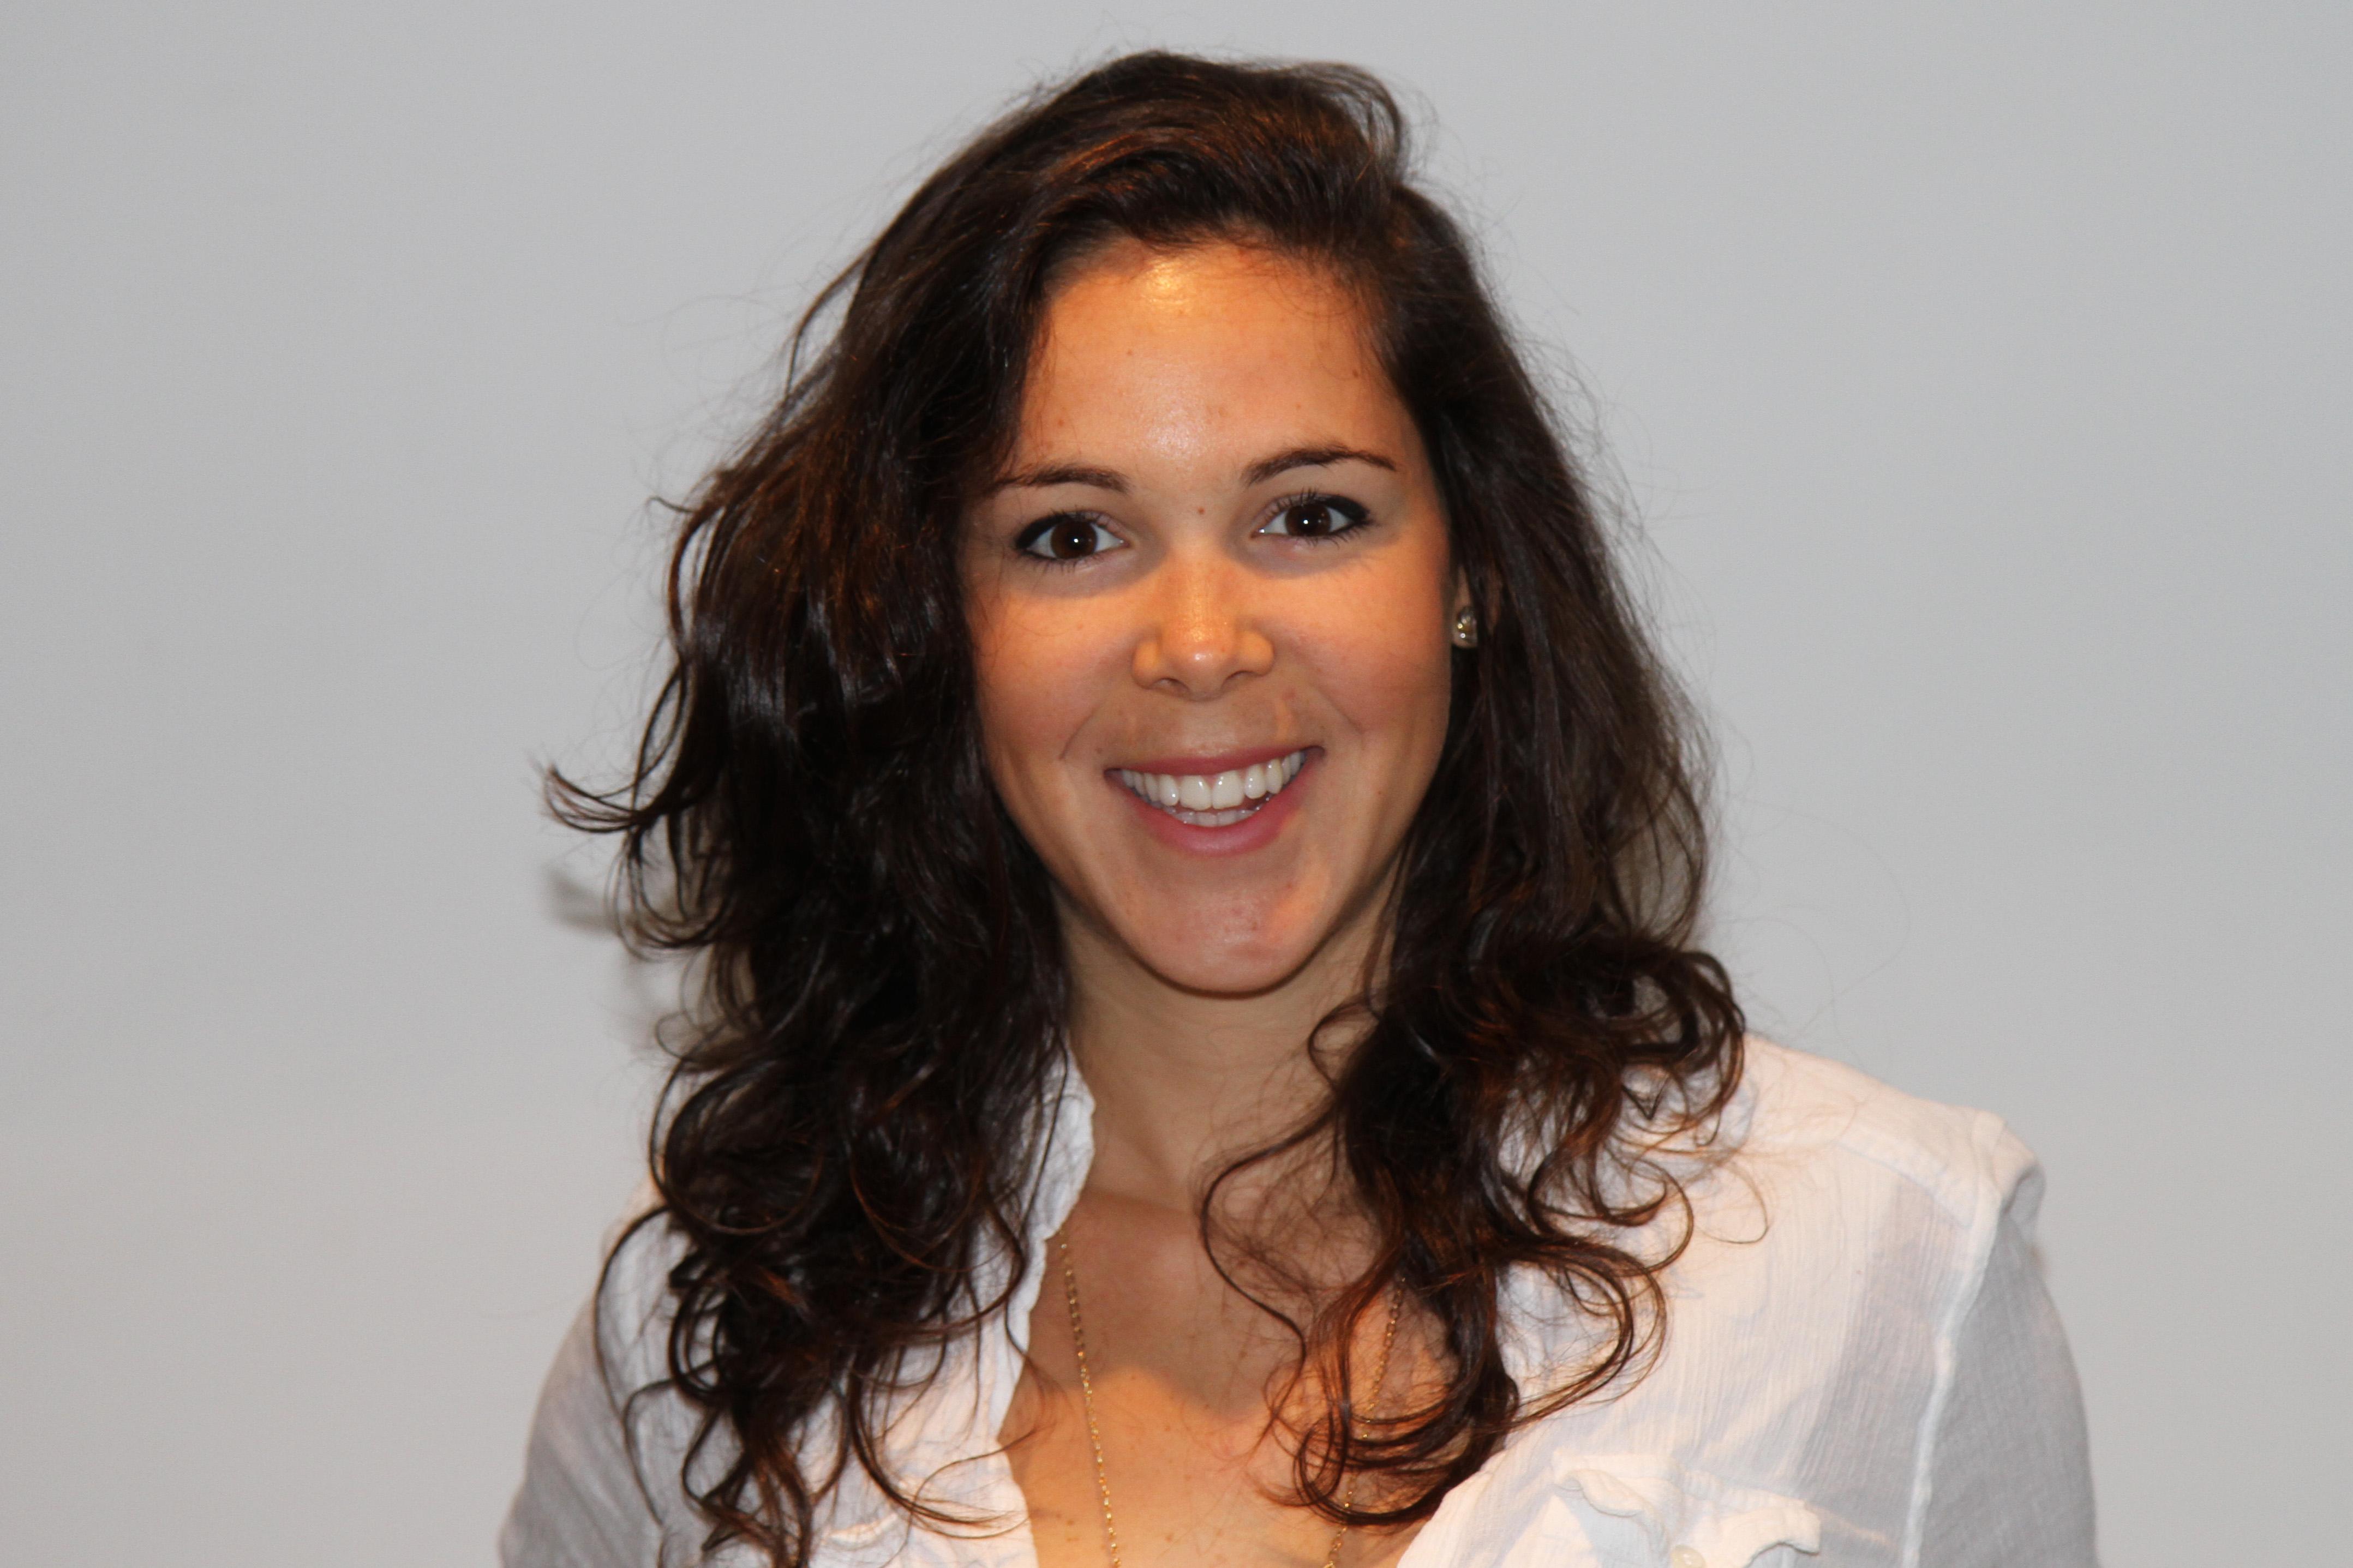 Emmanuelle's profile picture